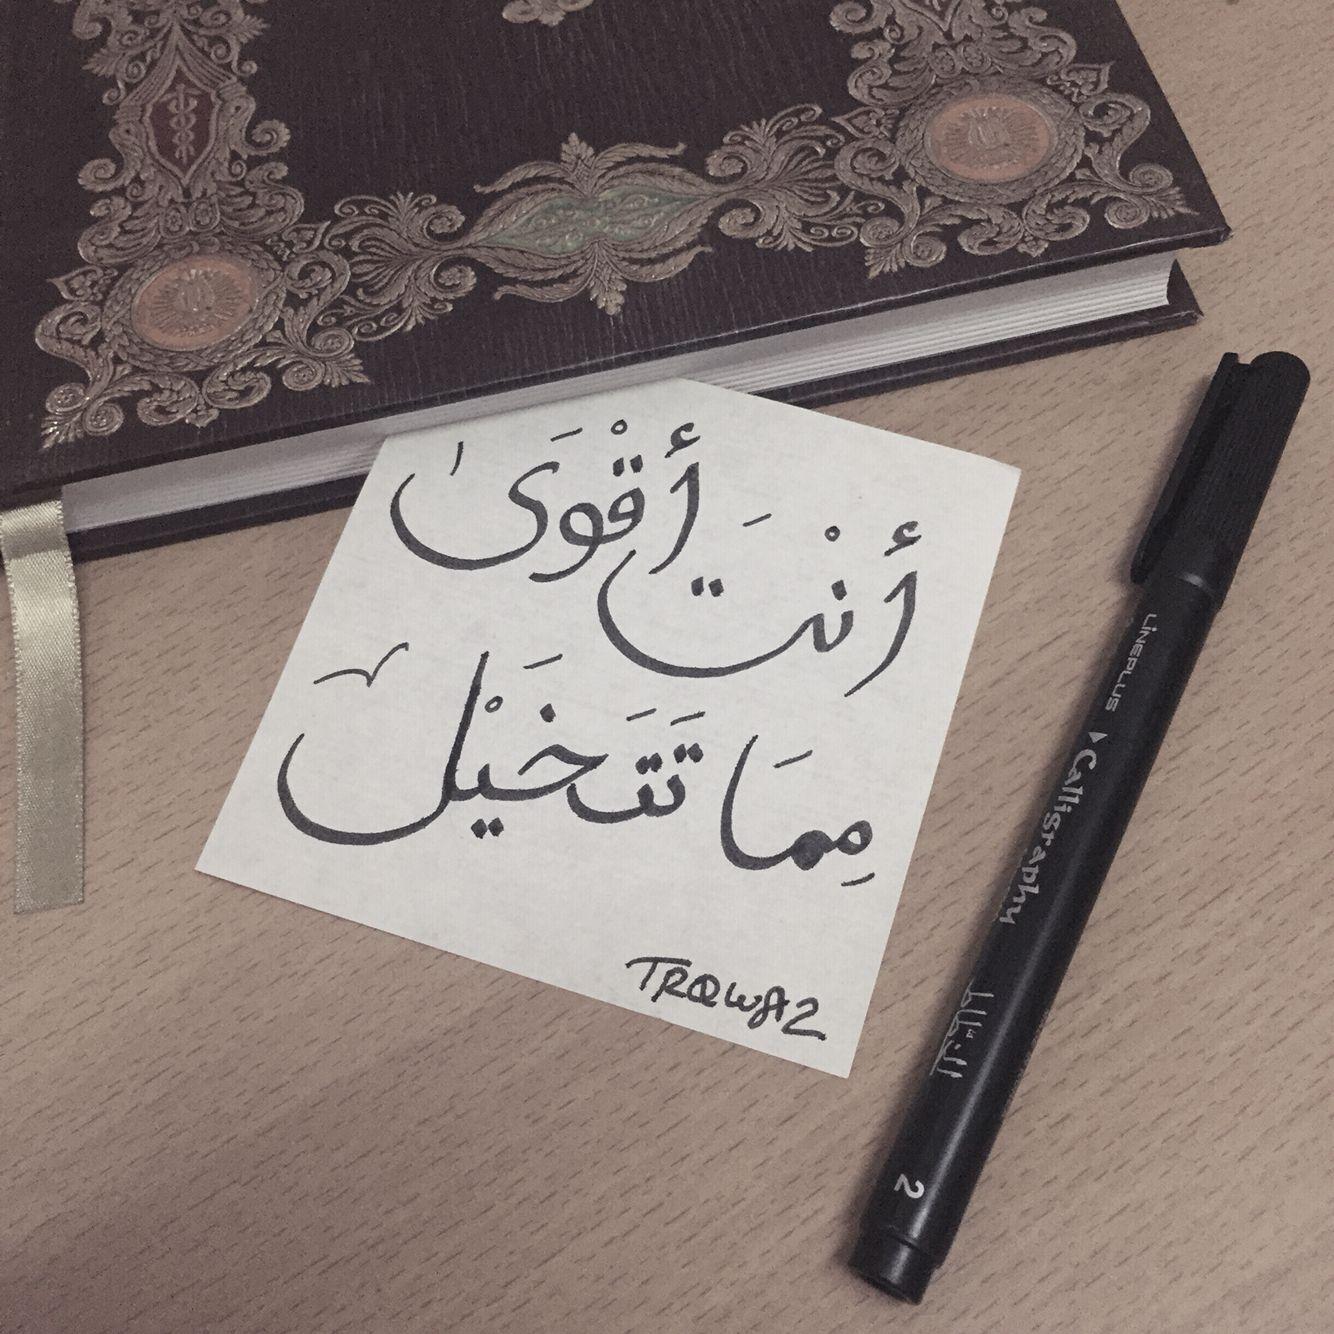 أنت أقوى مما تتخيل خطوط عربية خط Quotations Arabic Quotes Words